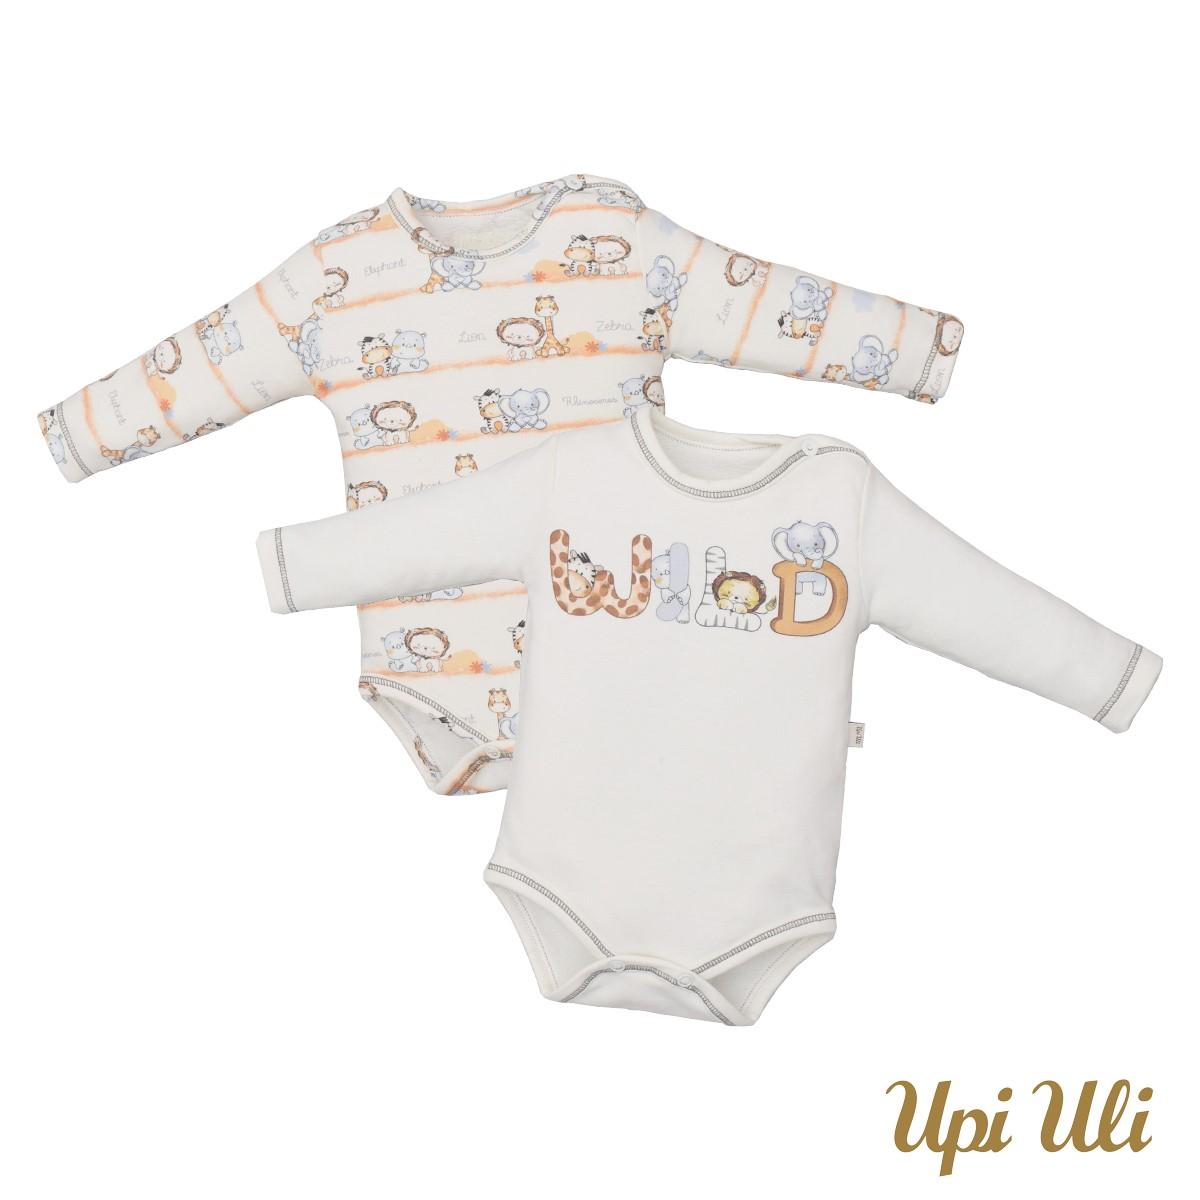 Kit bebê Body 2 Peças Soft Comfort Antonio Carlos  O/I